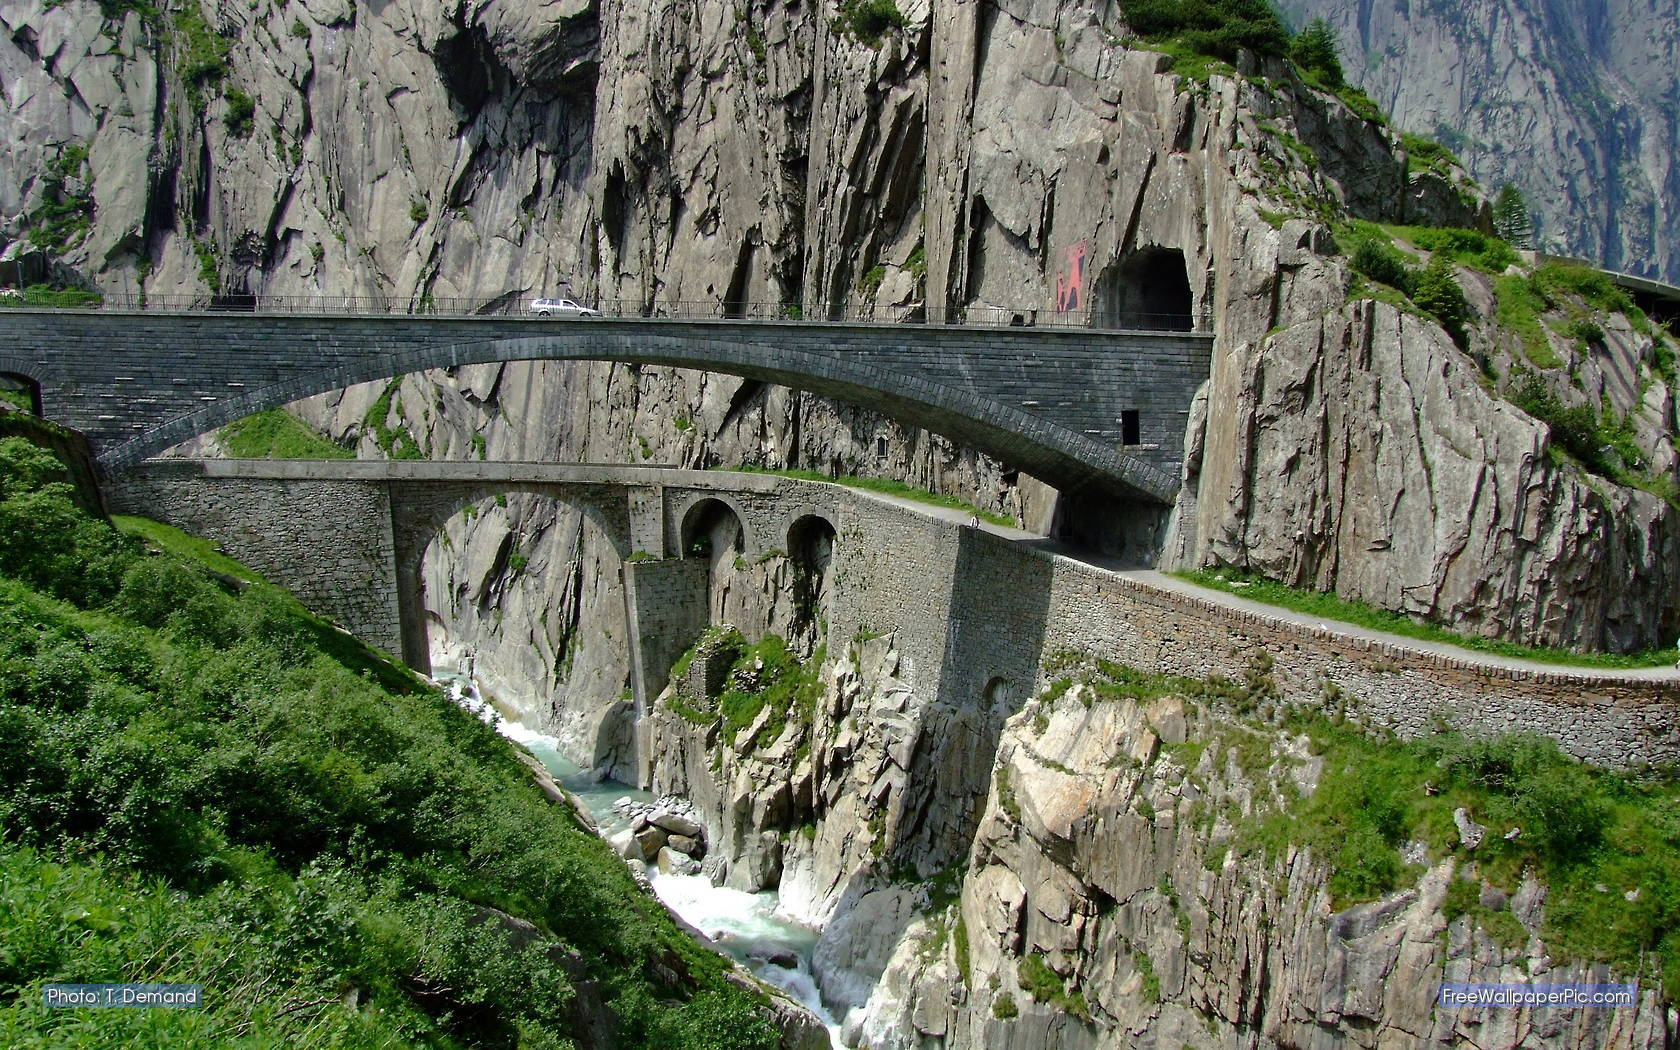 Slavný Ďáblův most v Gotthardském průsmyku ve Švýcarsku